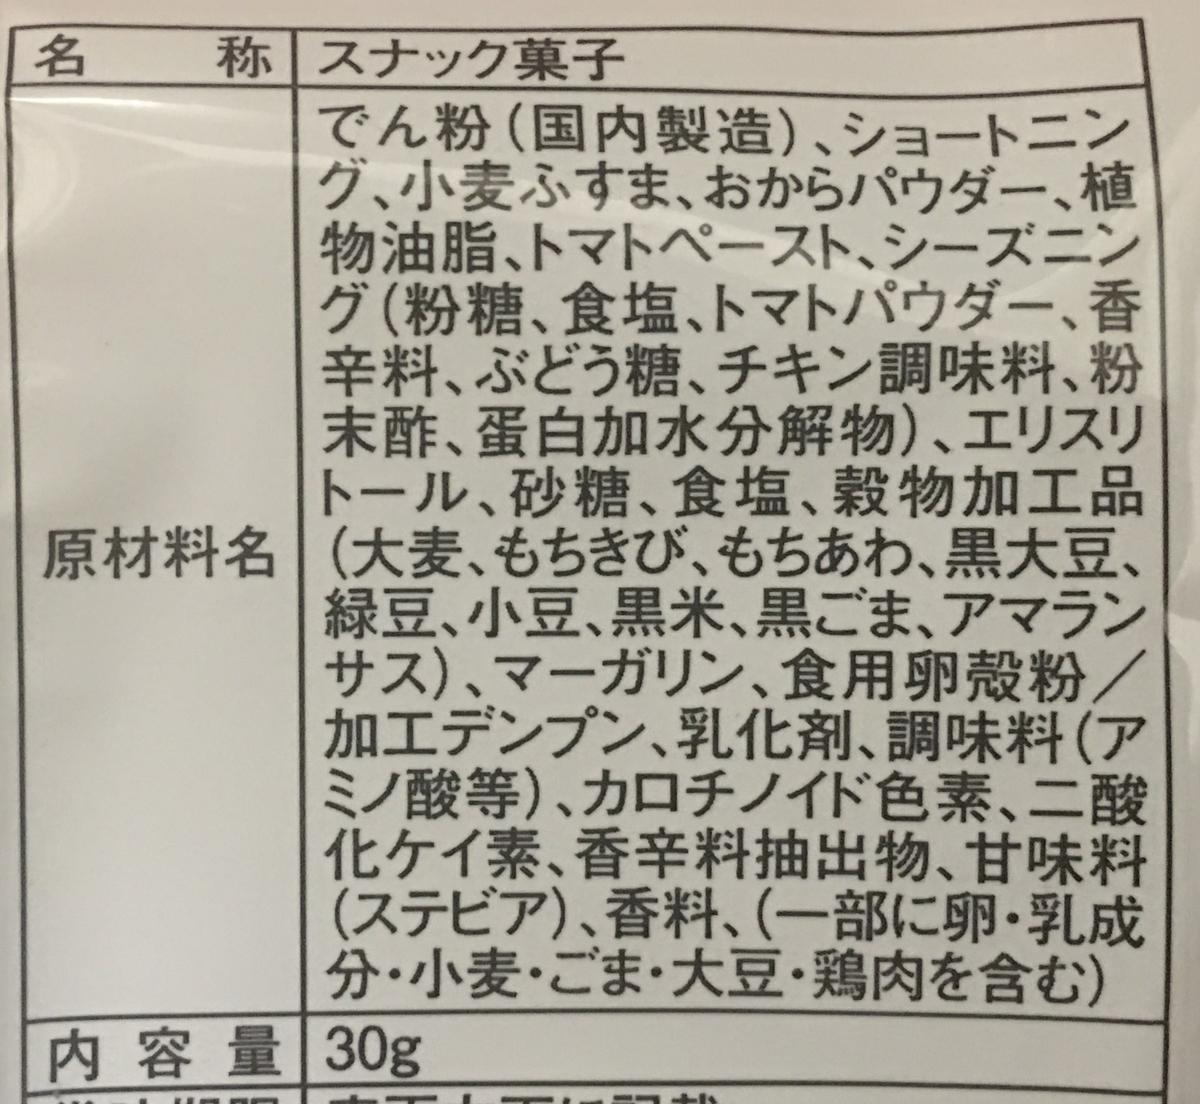 f:id:YOSHIO1010:20201207020537j:plain